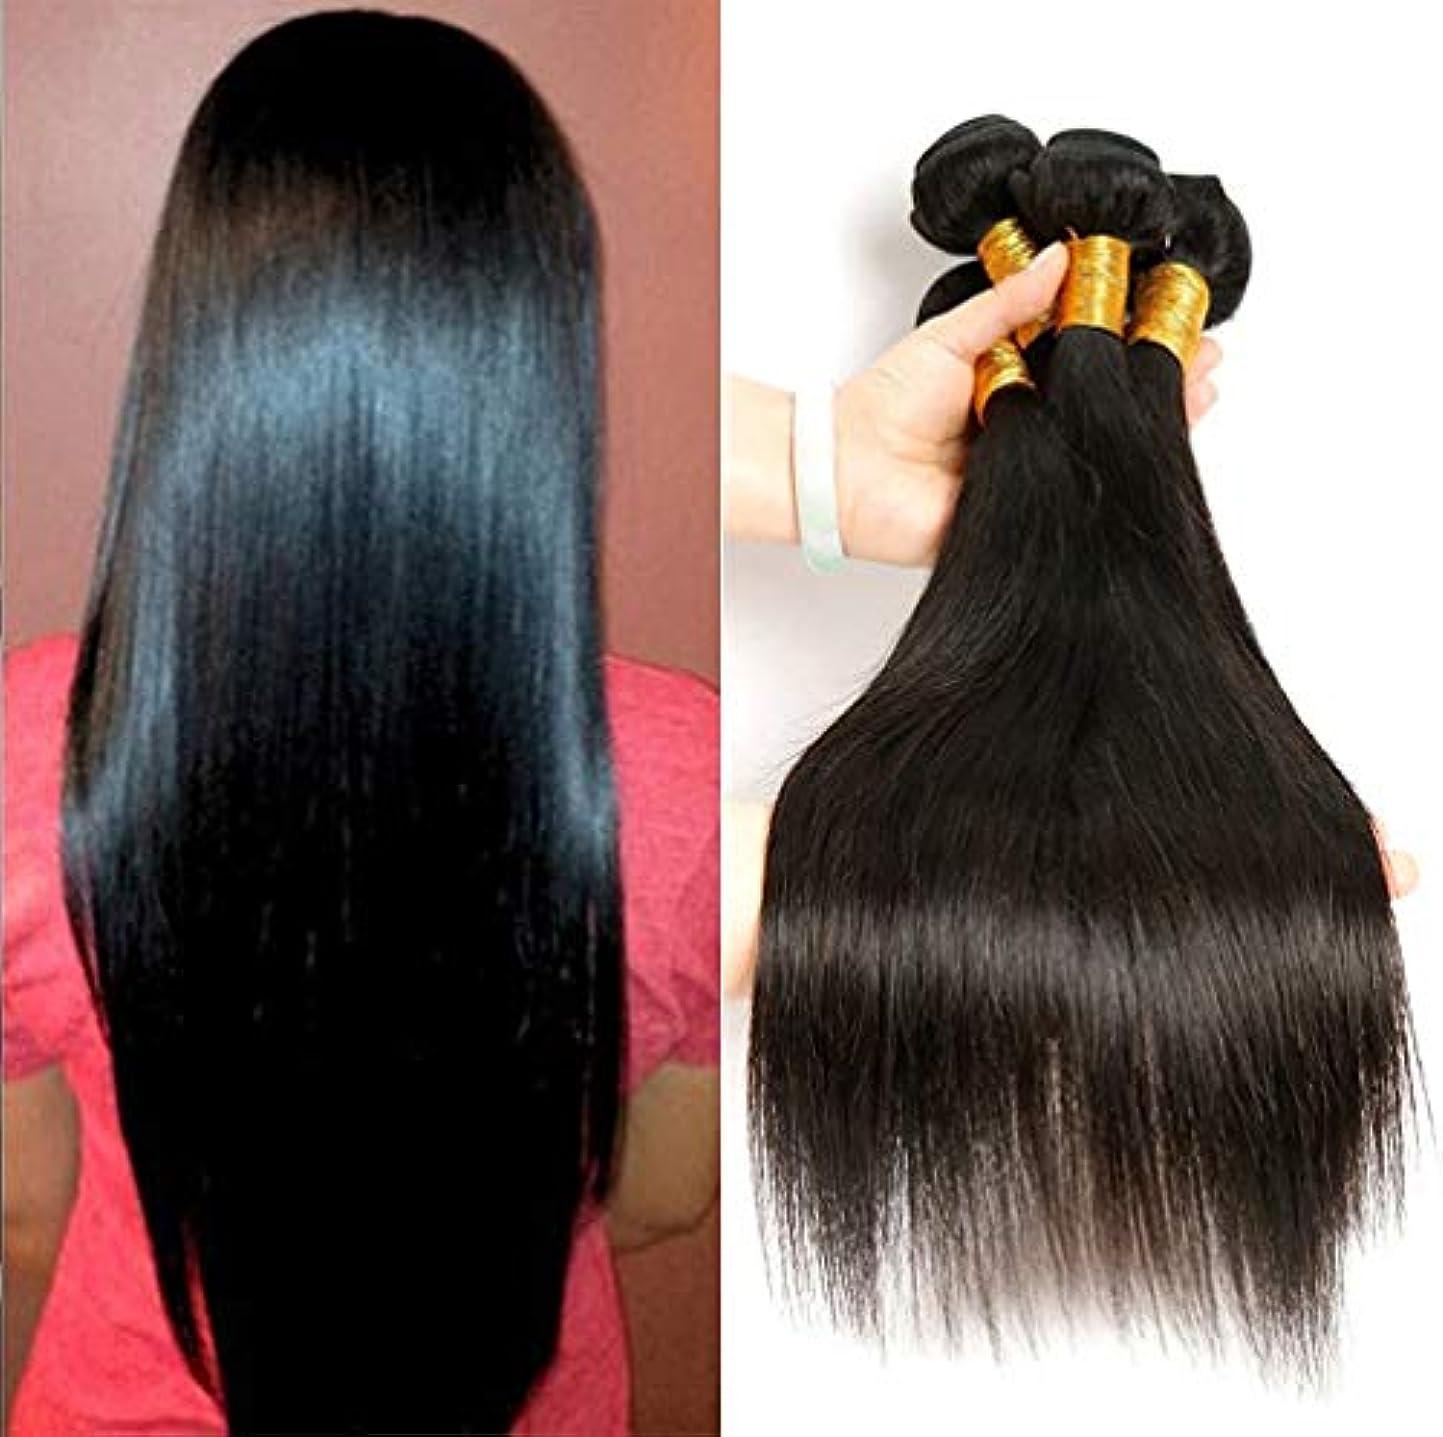 限定フィットネスくるみブラジルのストレートヘアー女性の髪織り密度150%織り100%未処理のバージン人毛エクステンション